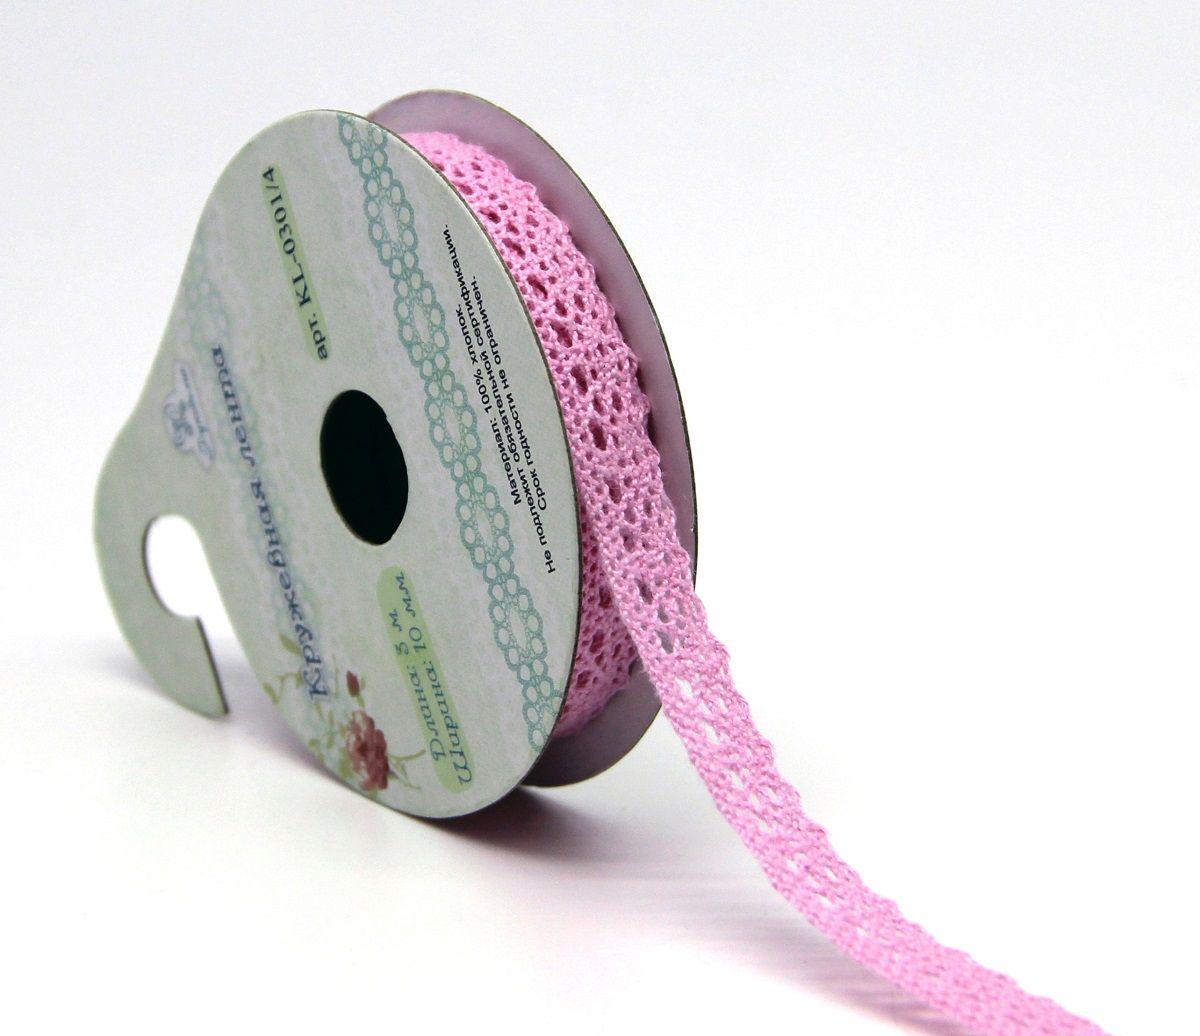 Лента кружевная Рукоделие, цвет: светло-розовый, 1 см, 3 м. KL-0301KL-0301/4Предназначены для прикладных, дизайнерских работ, оформления открыток , альбомов.длина 3мширина 10ммХлопок 100%